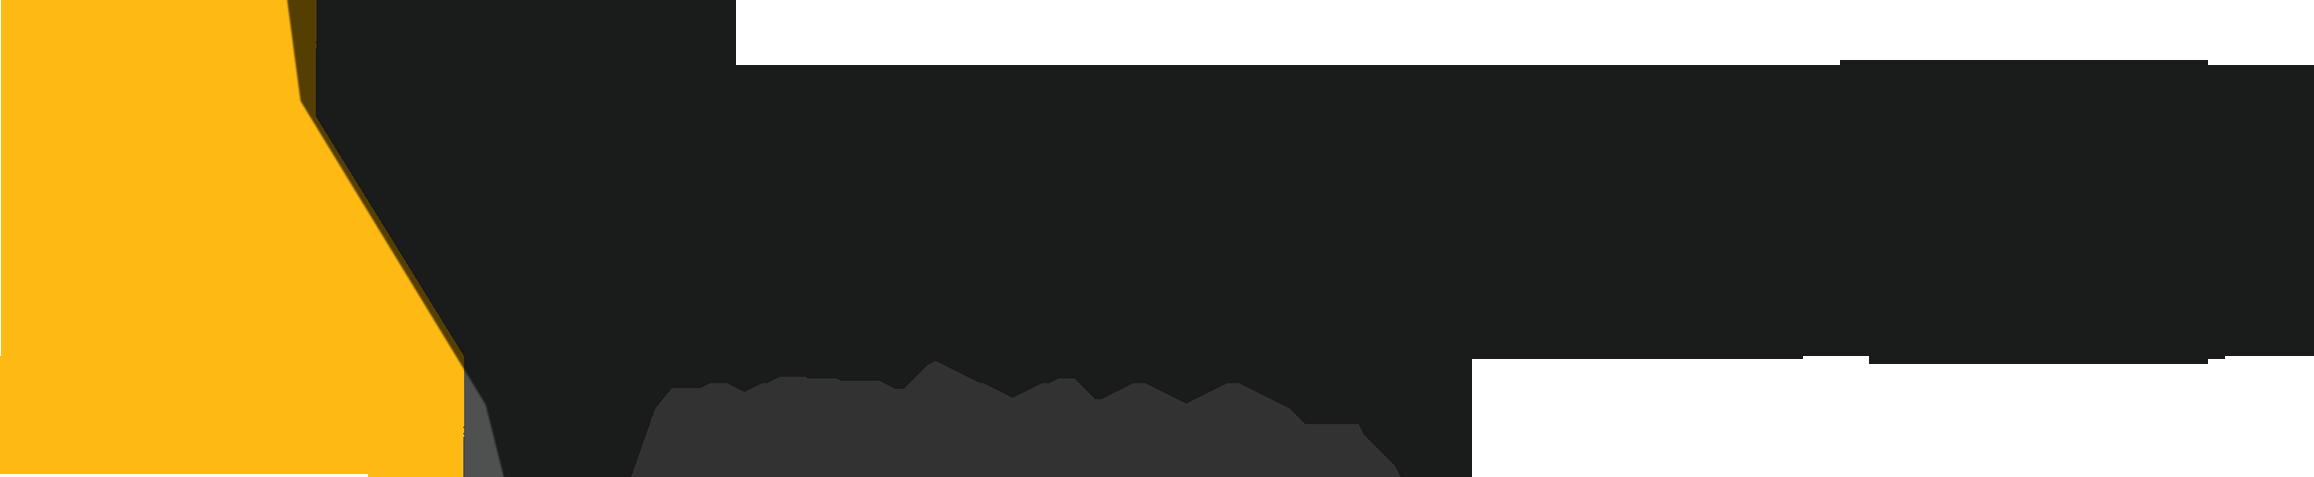 Metest Metall OÜ